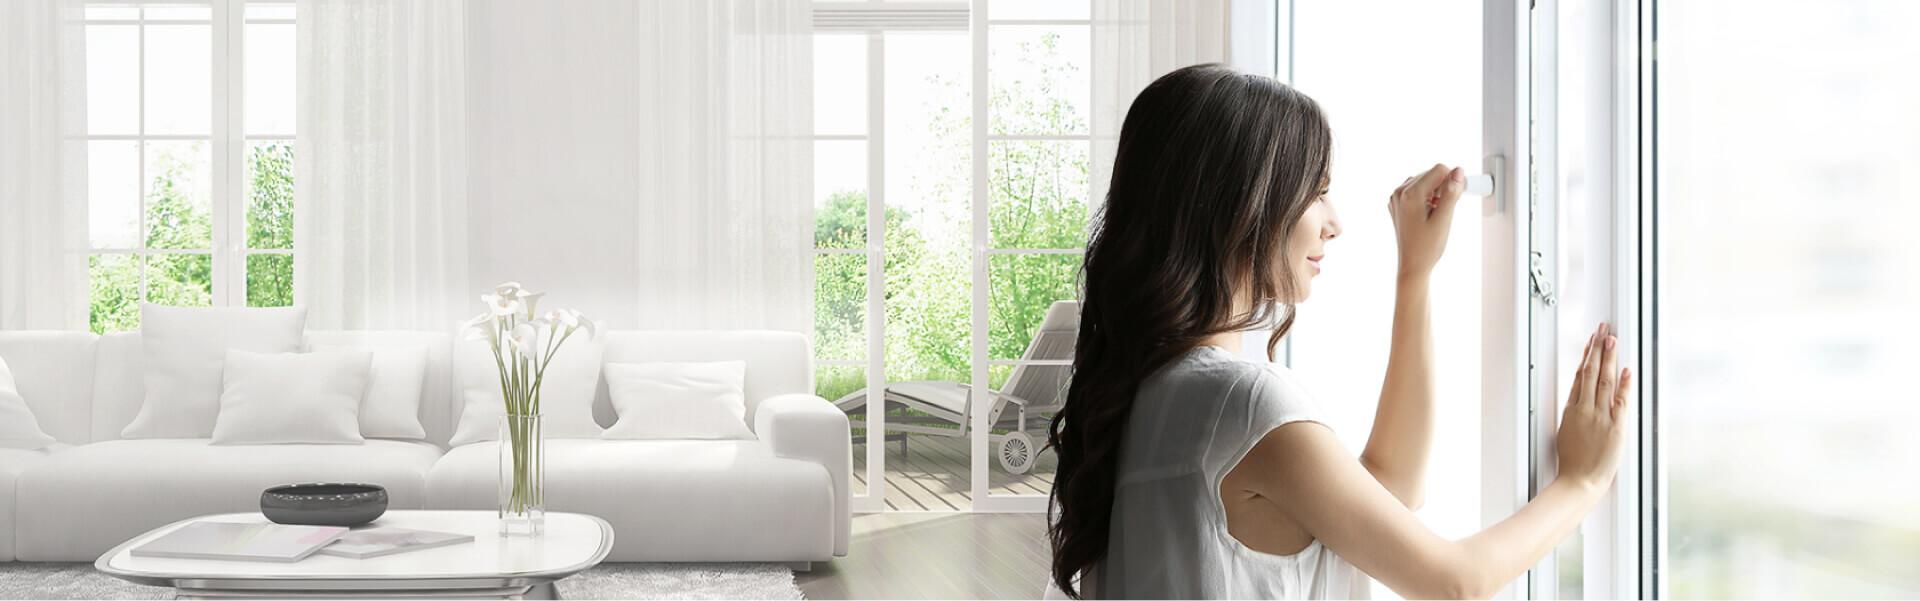 fenster g nstig online kaufen. Black Bedroom Furniture Sets. Home Design Ideas